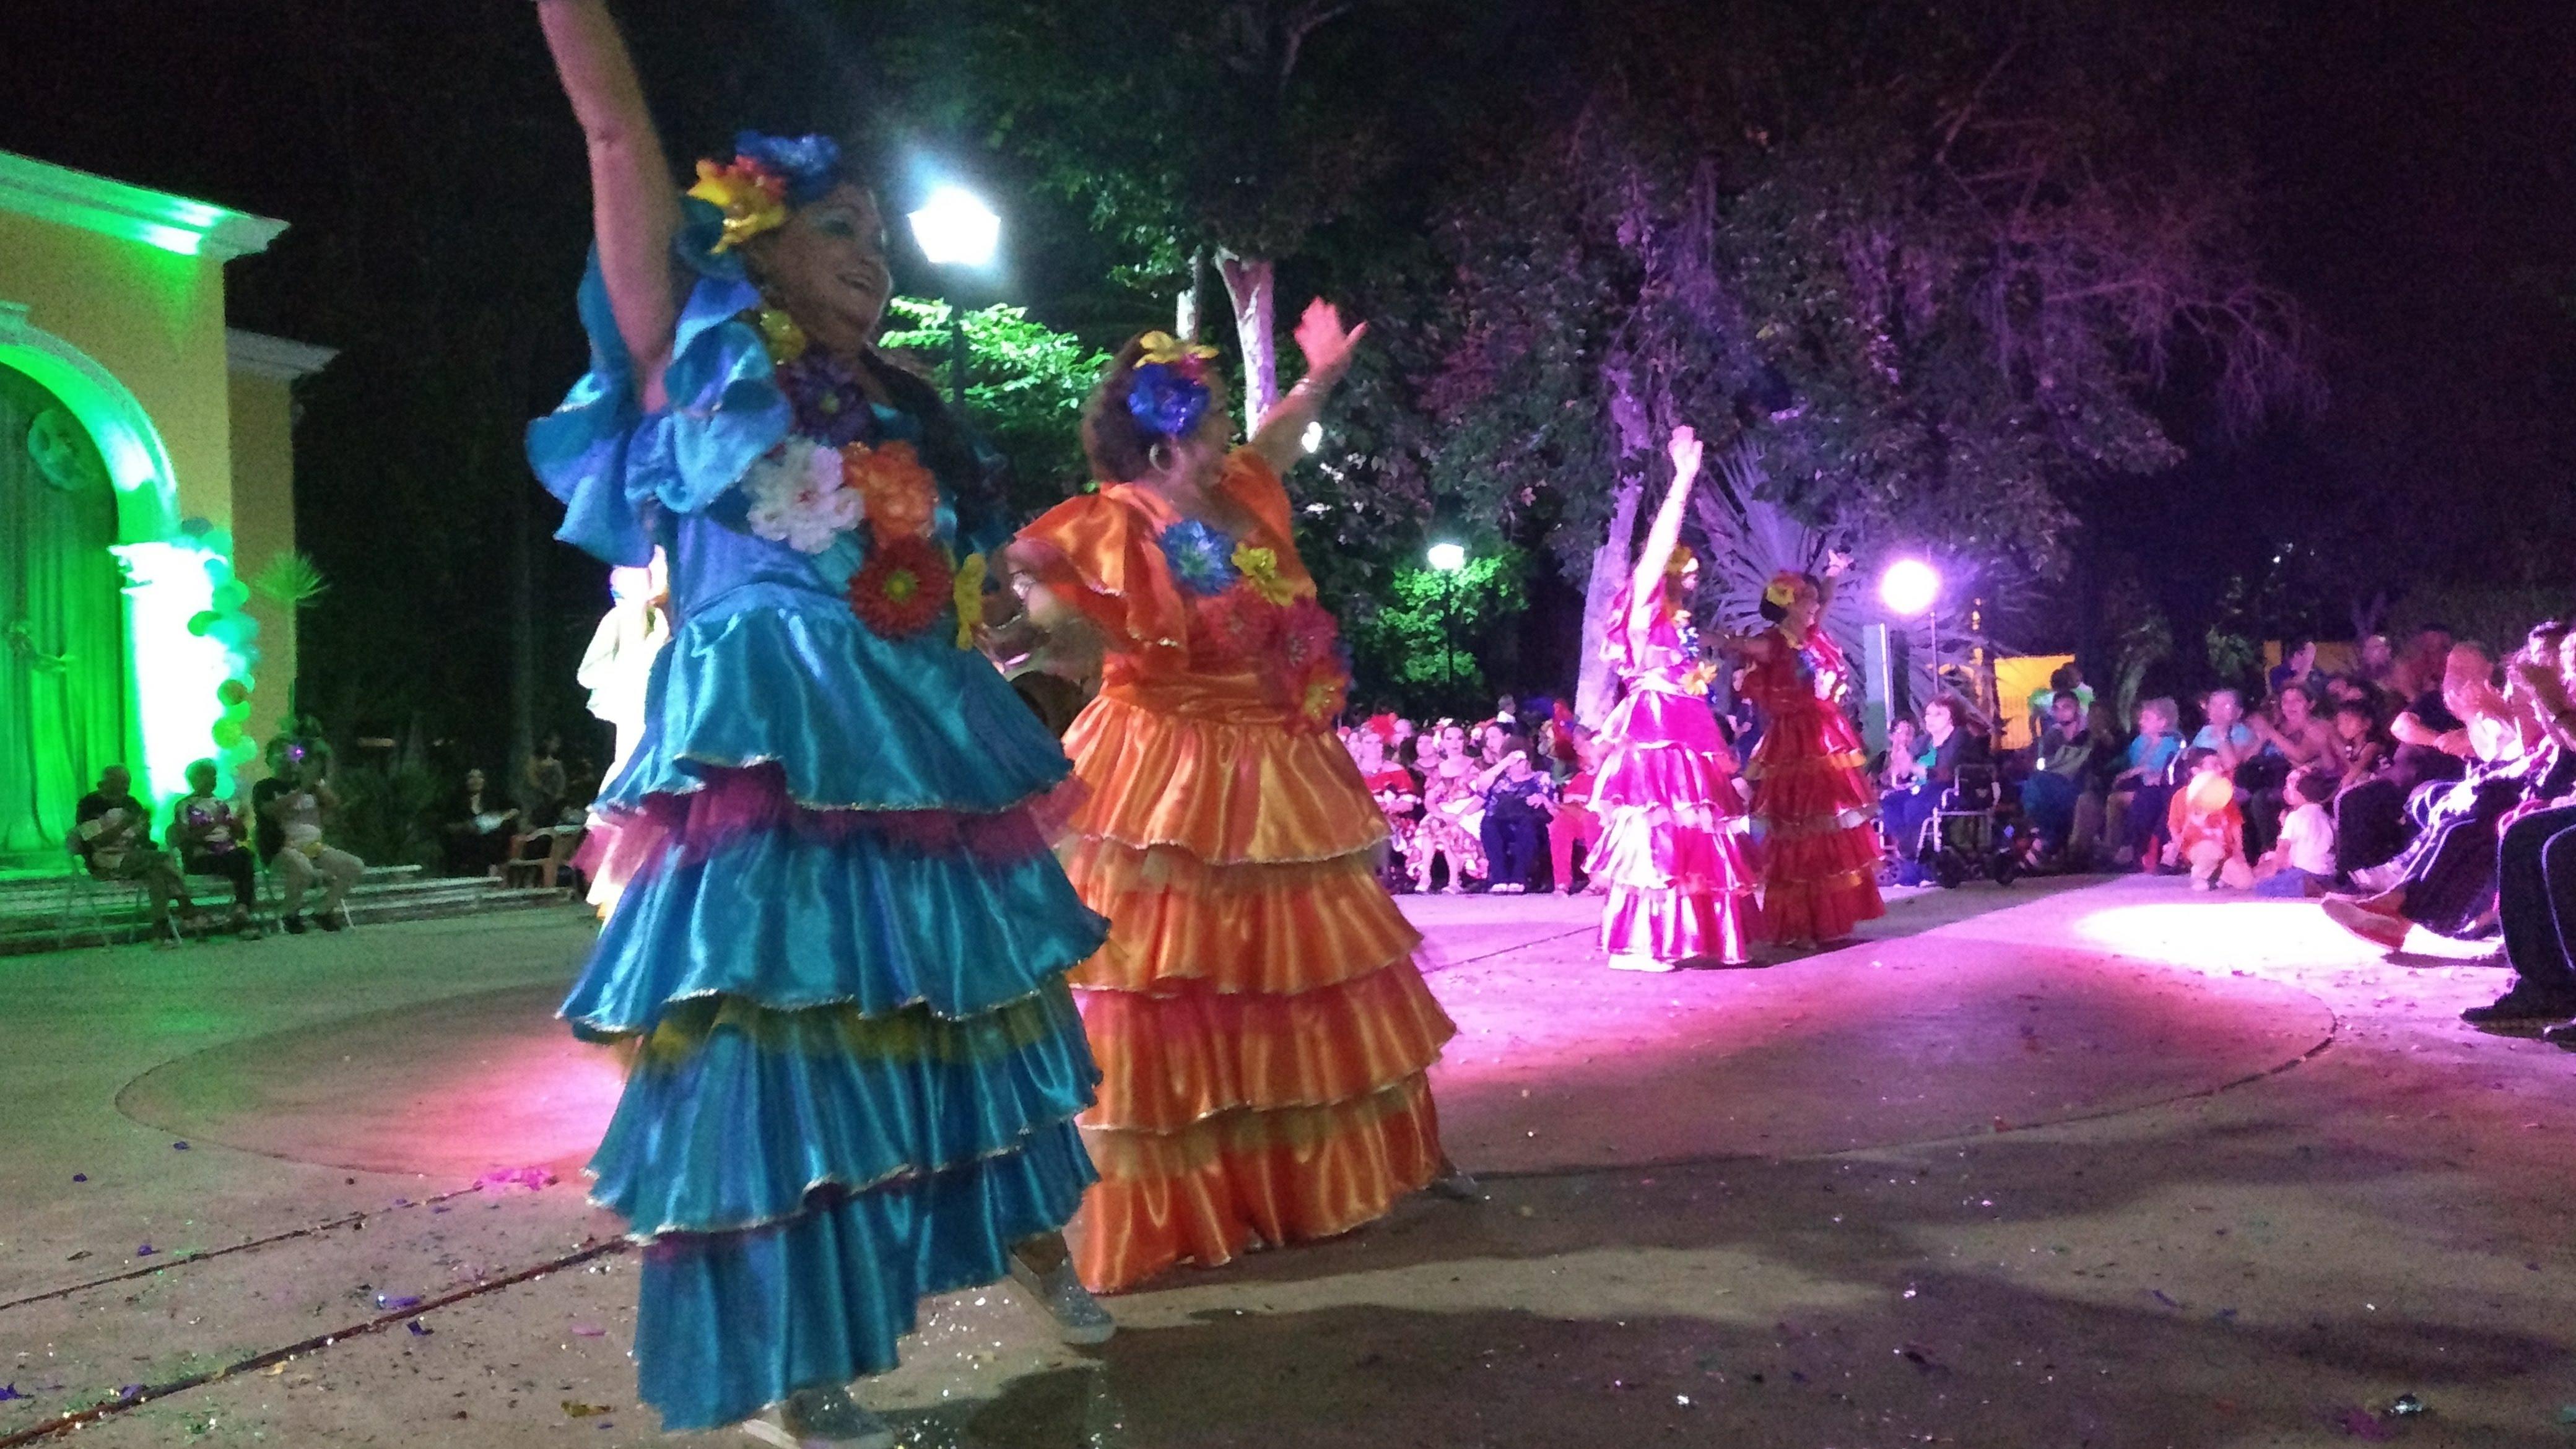 Cátedra de ritmo y alegría de adultos mayores en Carnaval de La Ibérica